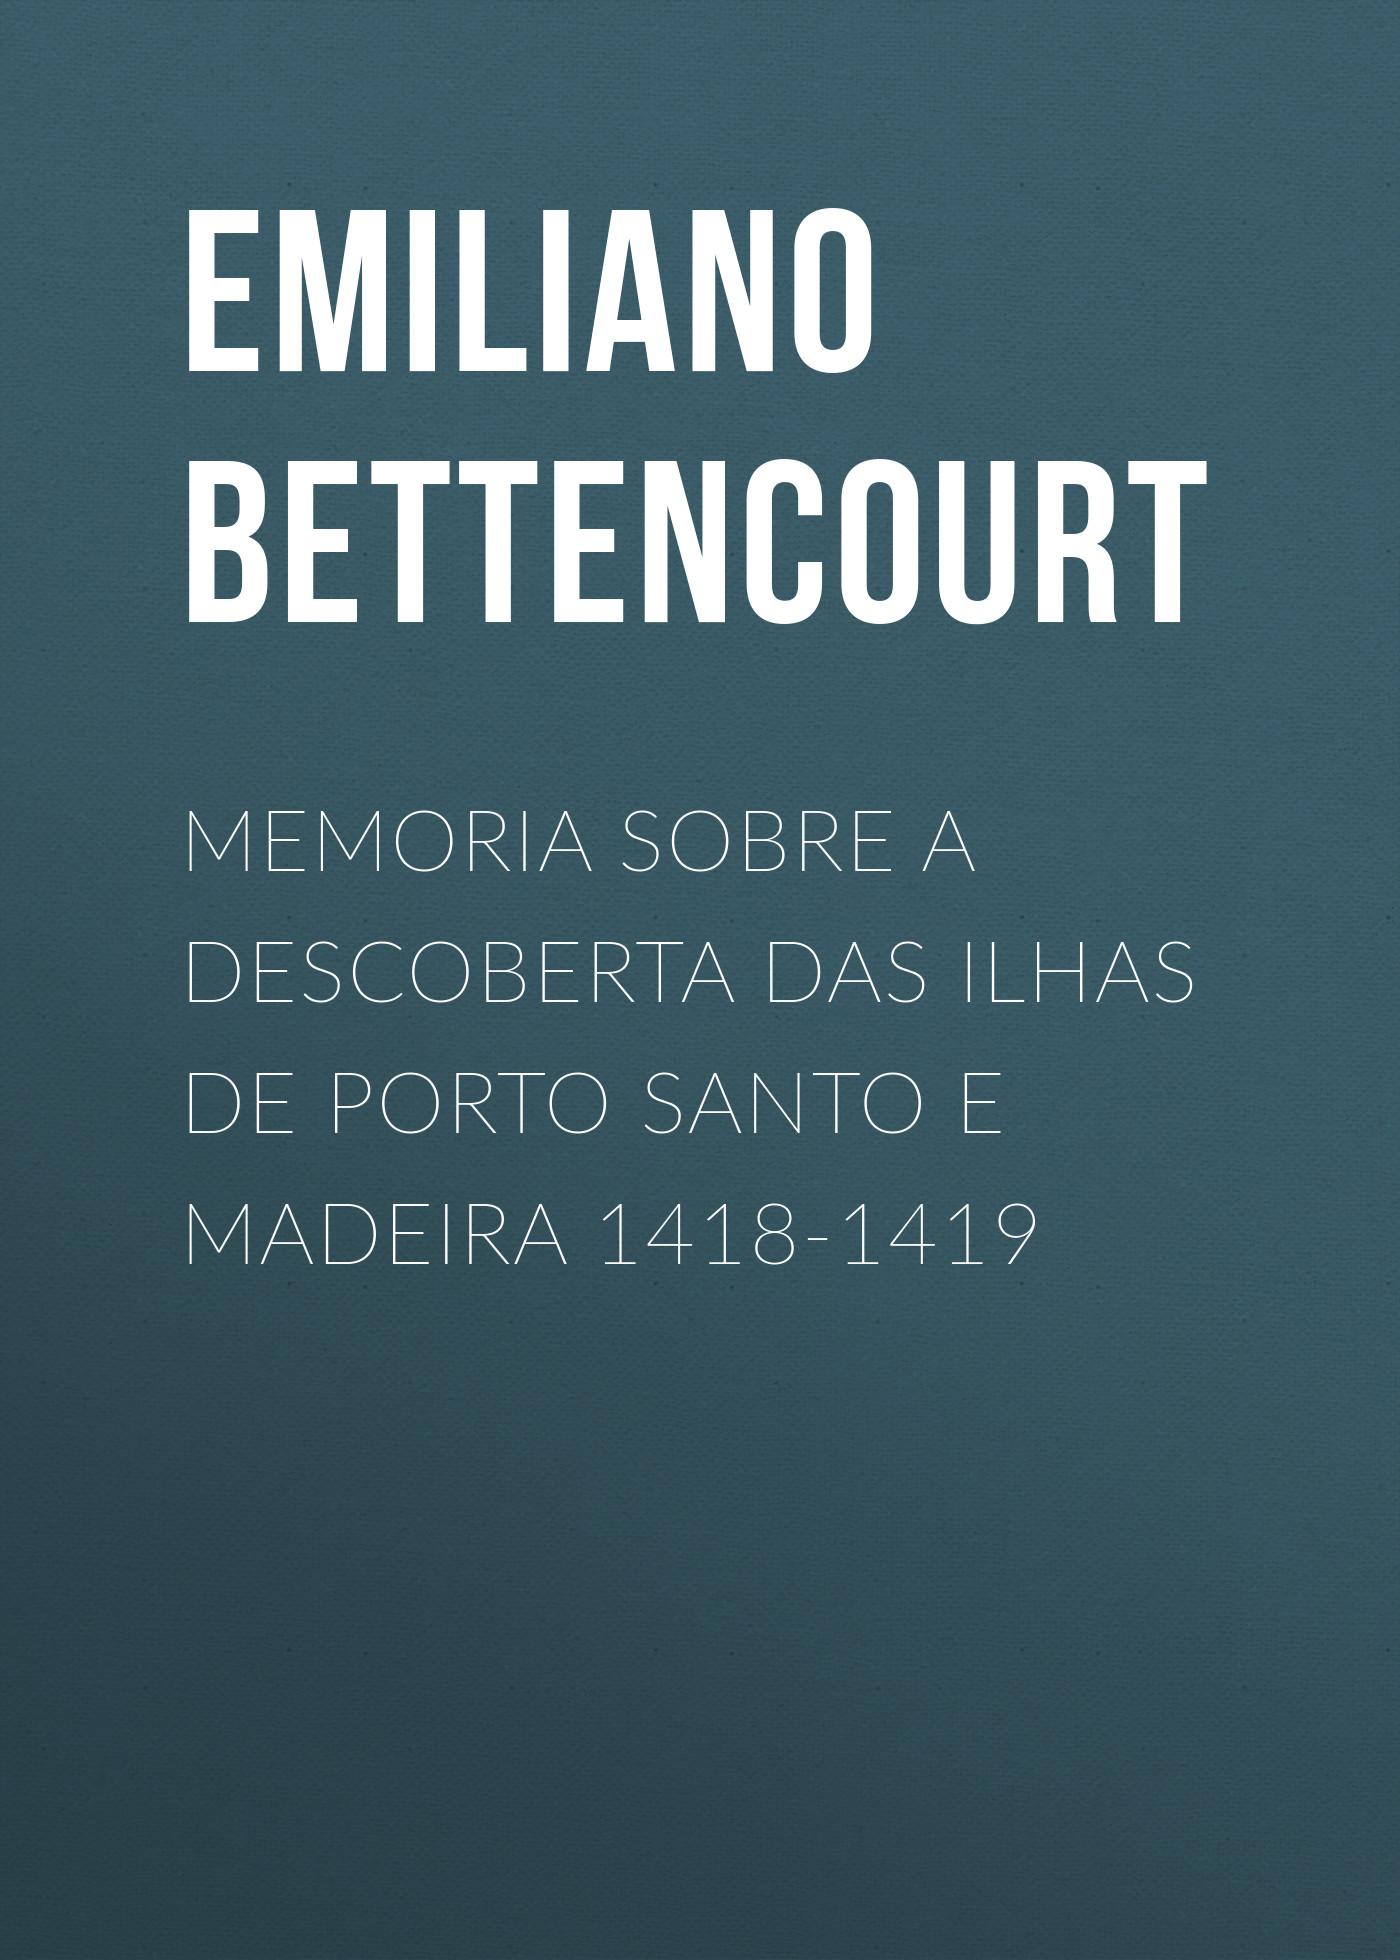 Emiliano Augusto de Bettencourt Memoria sobre a descoberta das ilhas de Porto Santo e Madeira 1418-1419